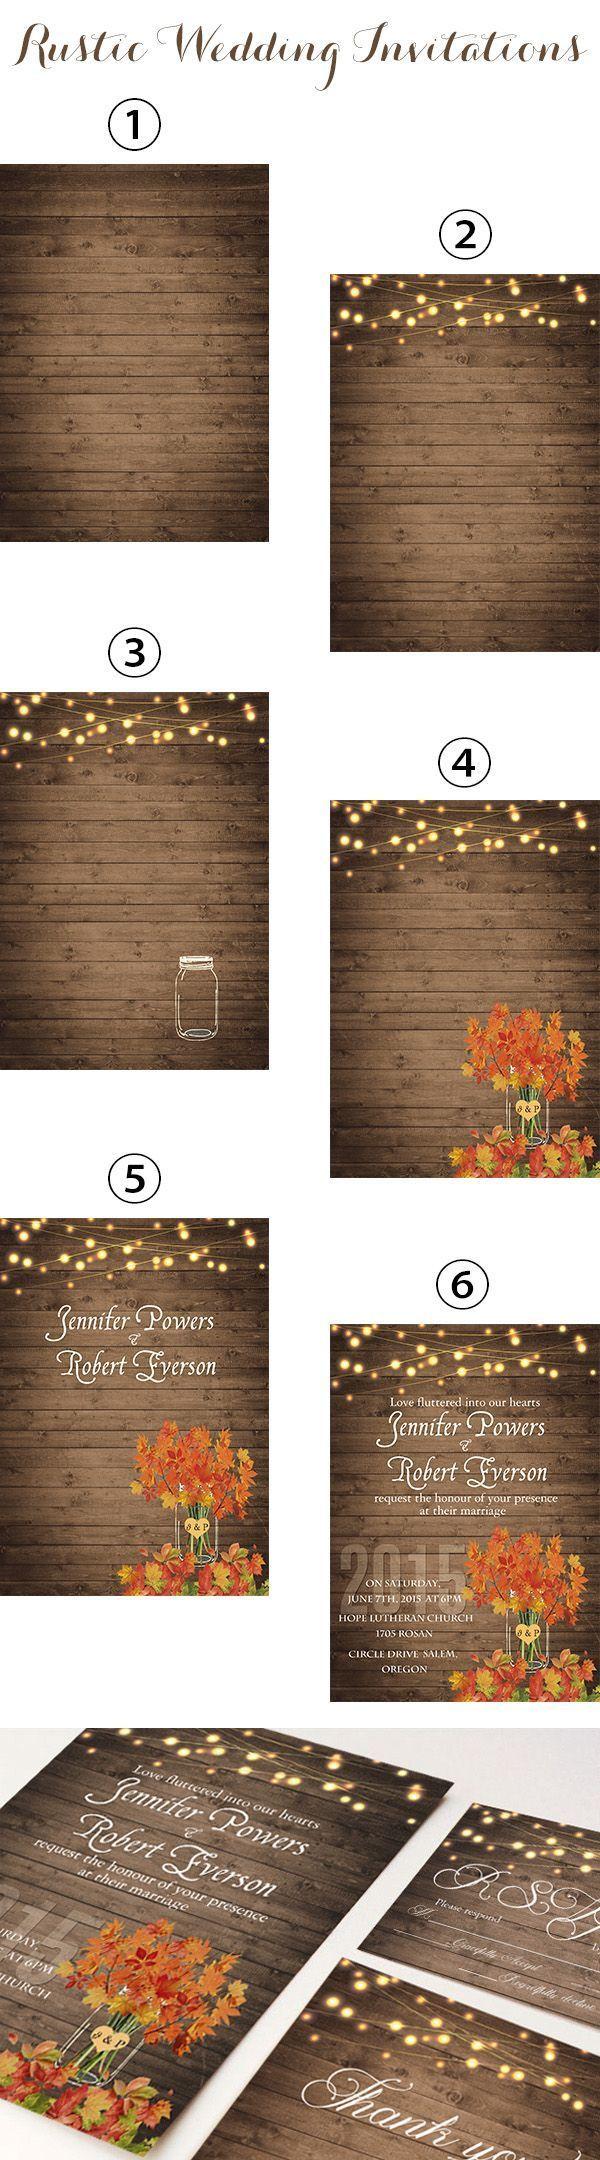 diy fall wedding invitations for country rustic wedding ideas: